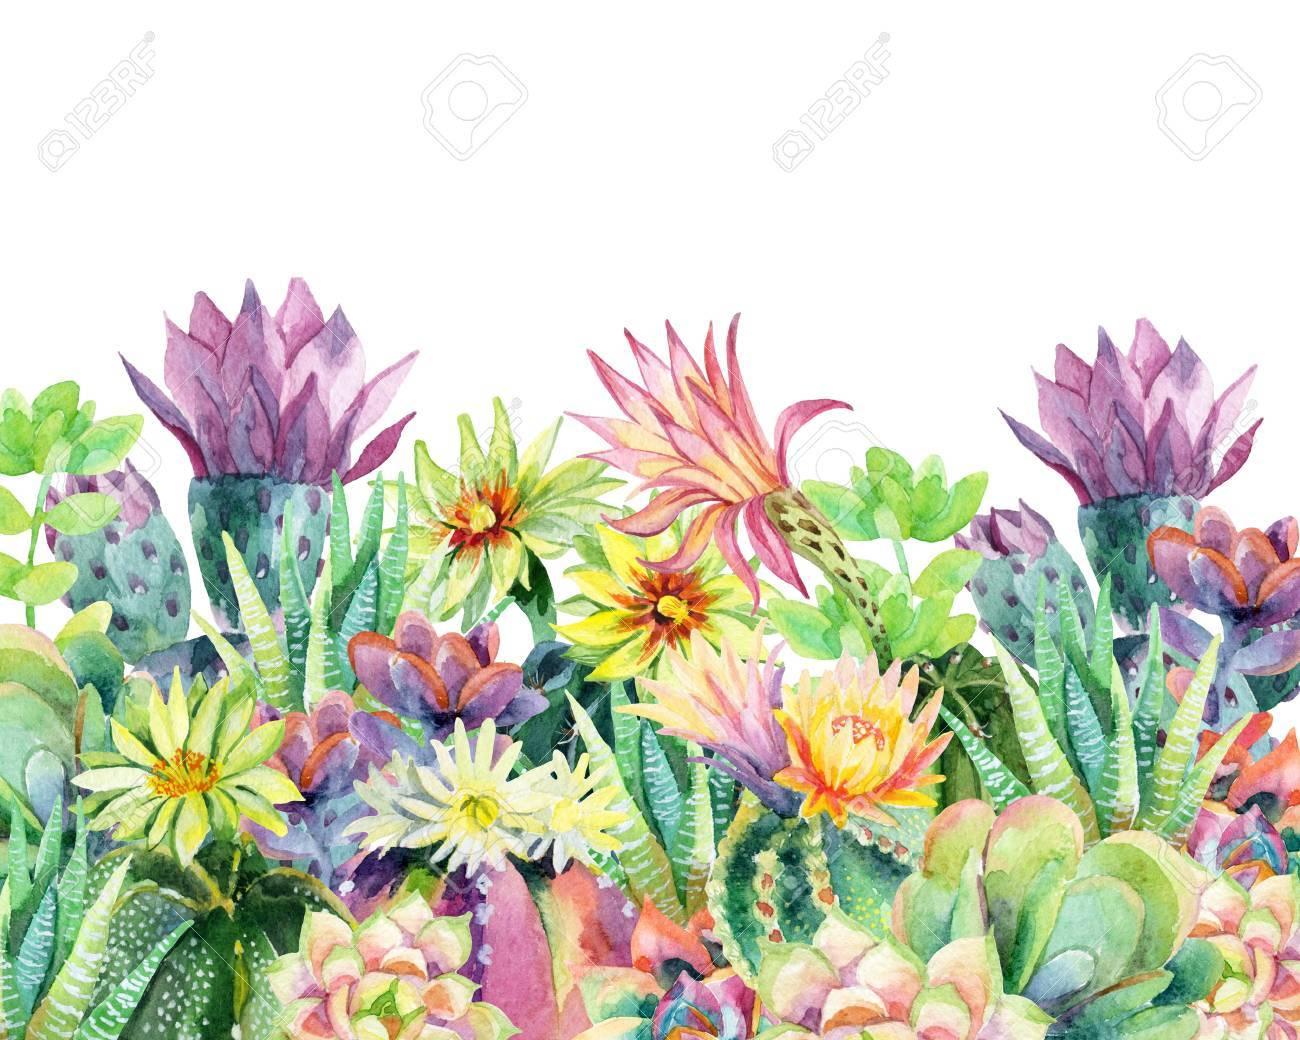 Cactus Esotici Con Fiori. Piante Grasse E Cactus. Illustrazione  Dellu0027acquerello Dipinto A Mano Per La Progettazione Del Giardino.